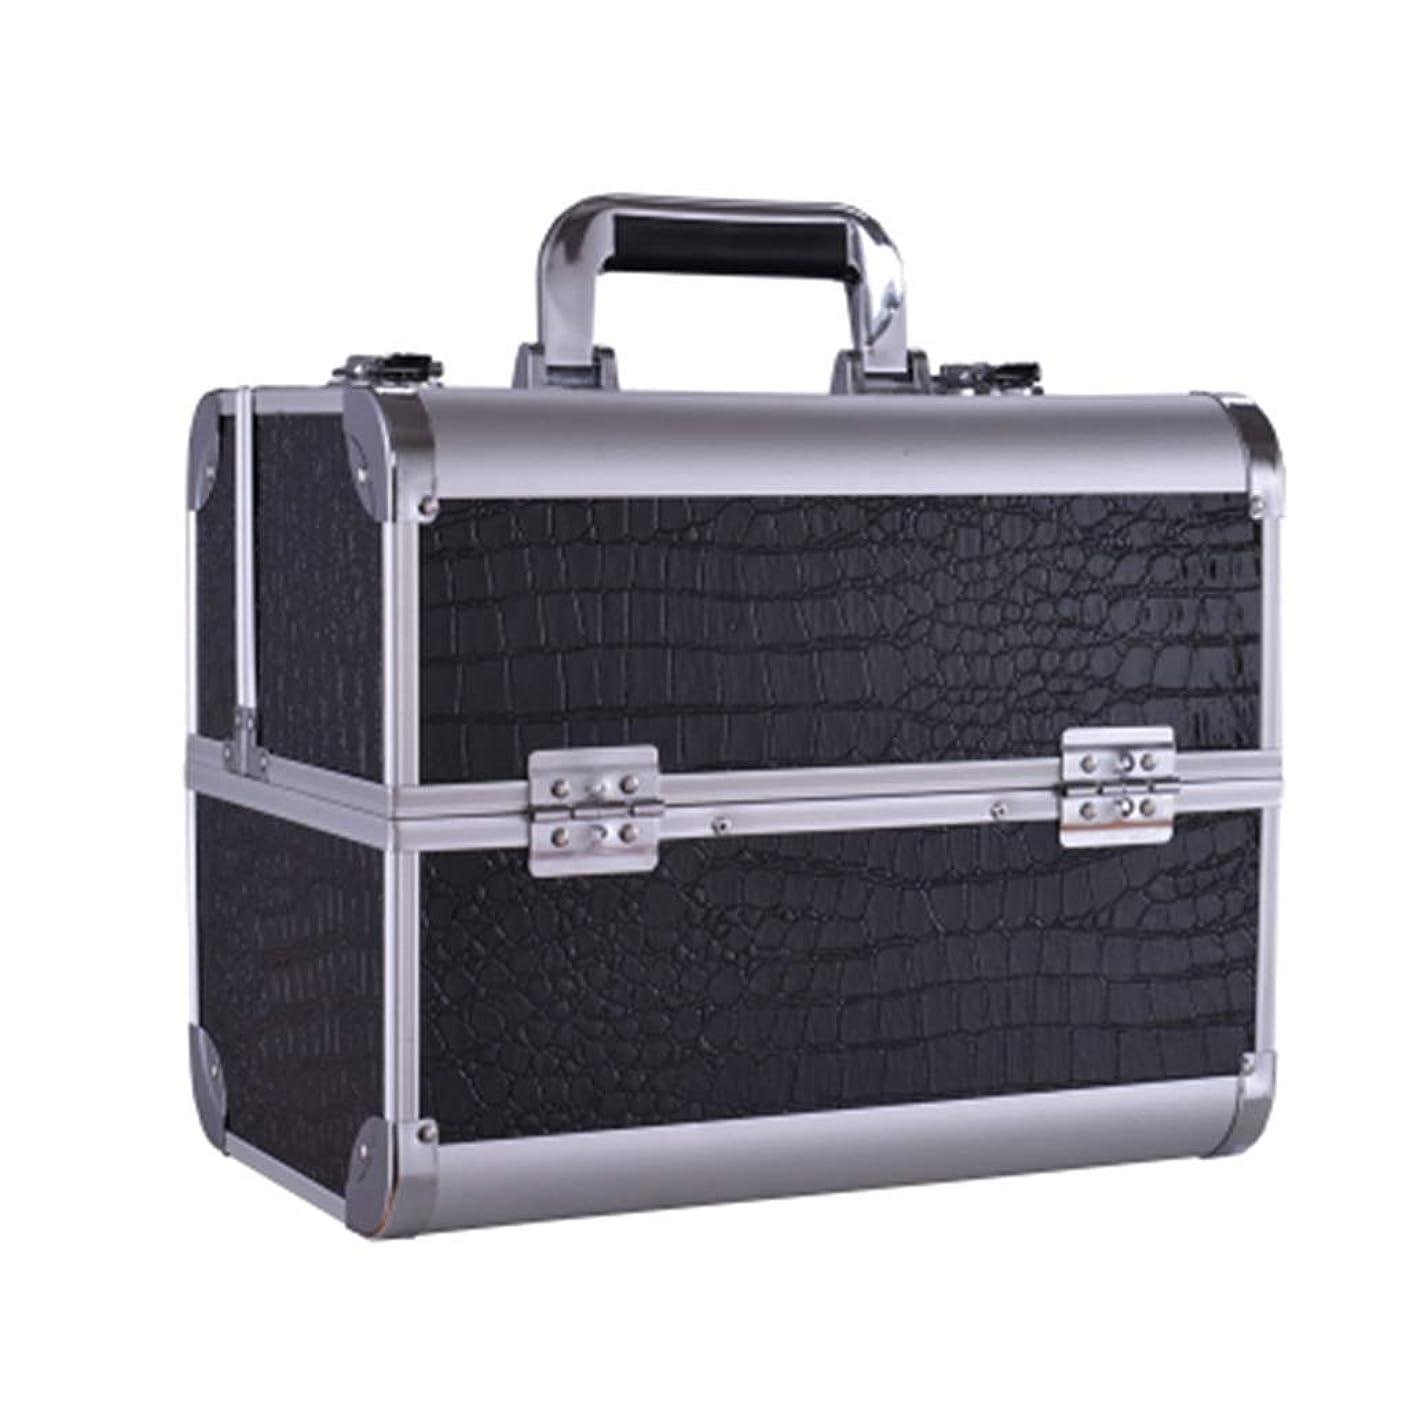 尾リフトテメリティ美容バッグ 大きい携帯用化粧箱の入れ墨の道具箱のきれいになること容易な専門の多層釘の収納箱/黒/ピンク HMMSP (Color : Black)